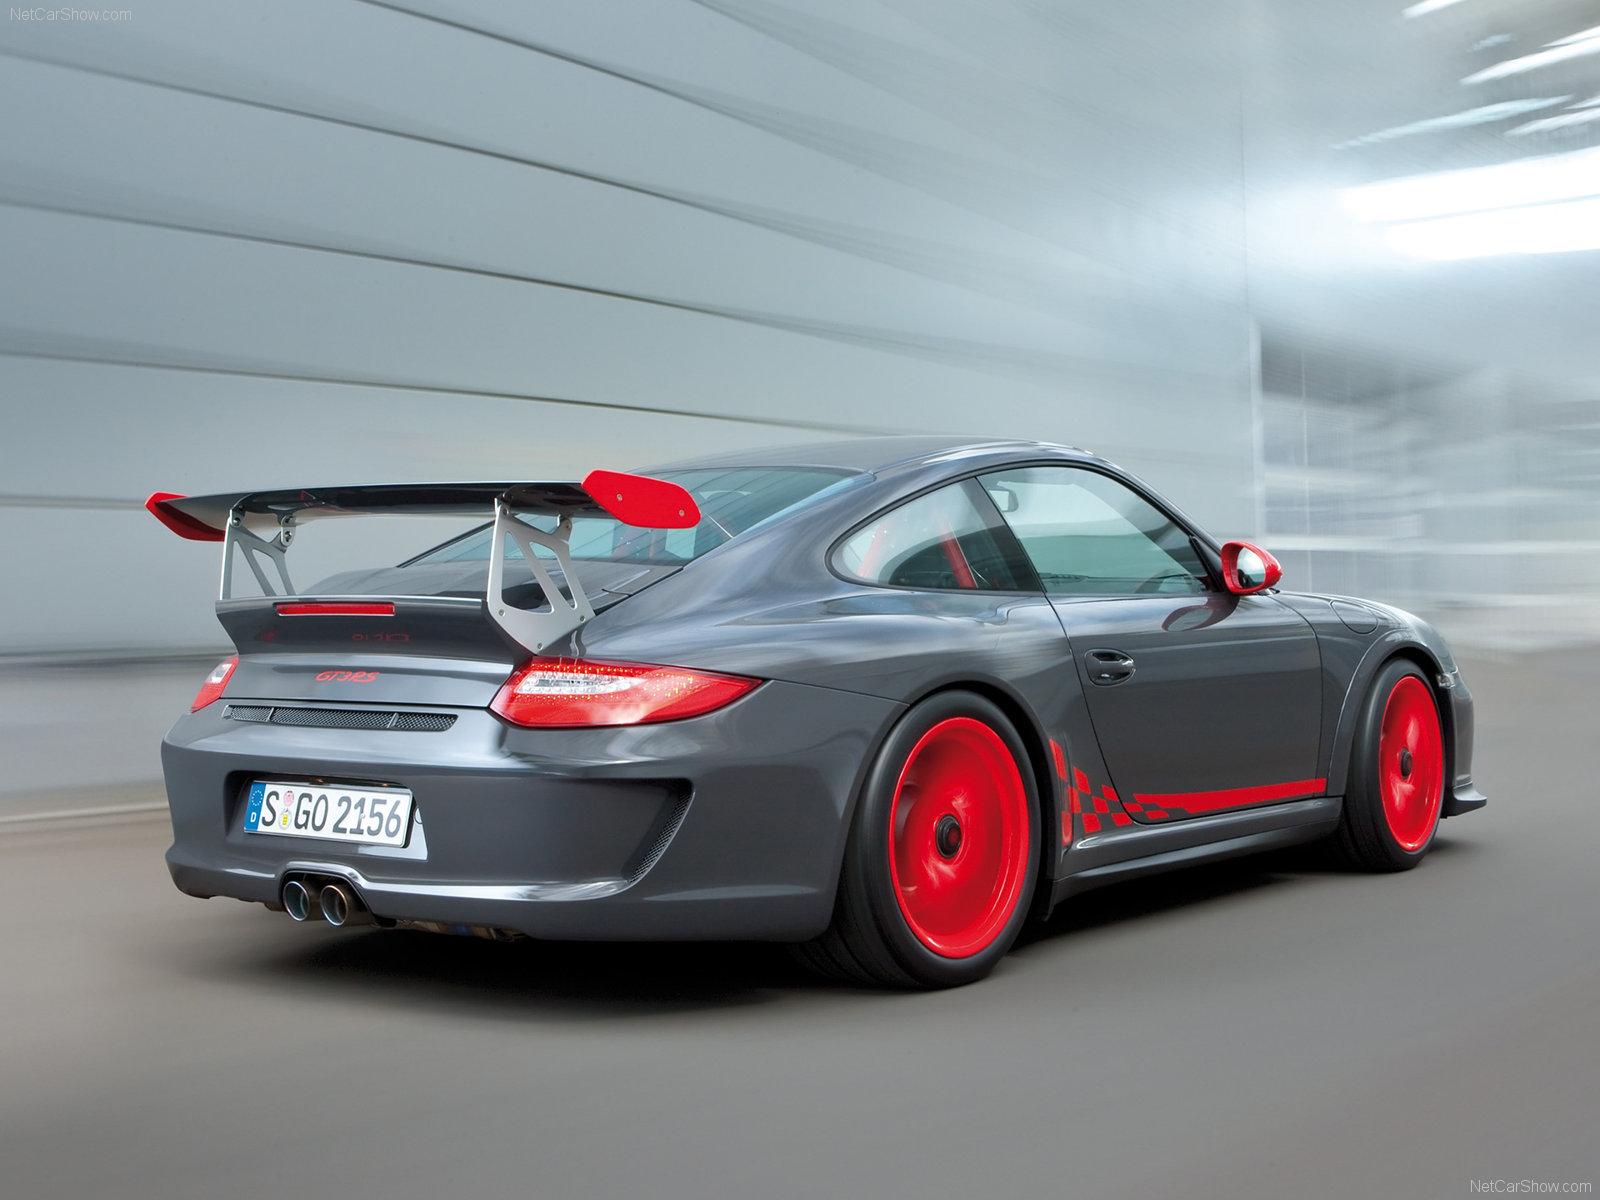 2010 Porsche 911 GT3 RS wallpapers 1600x1200